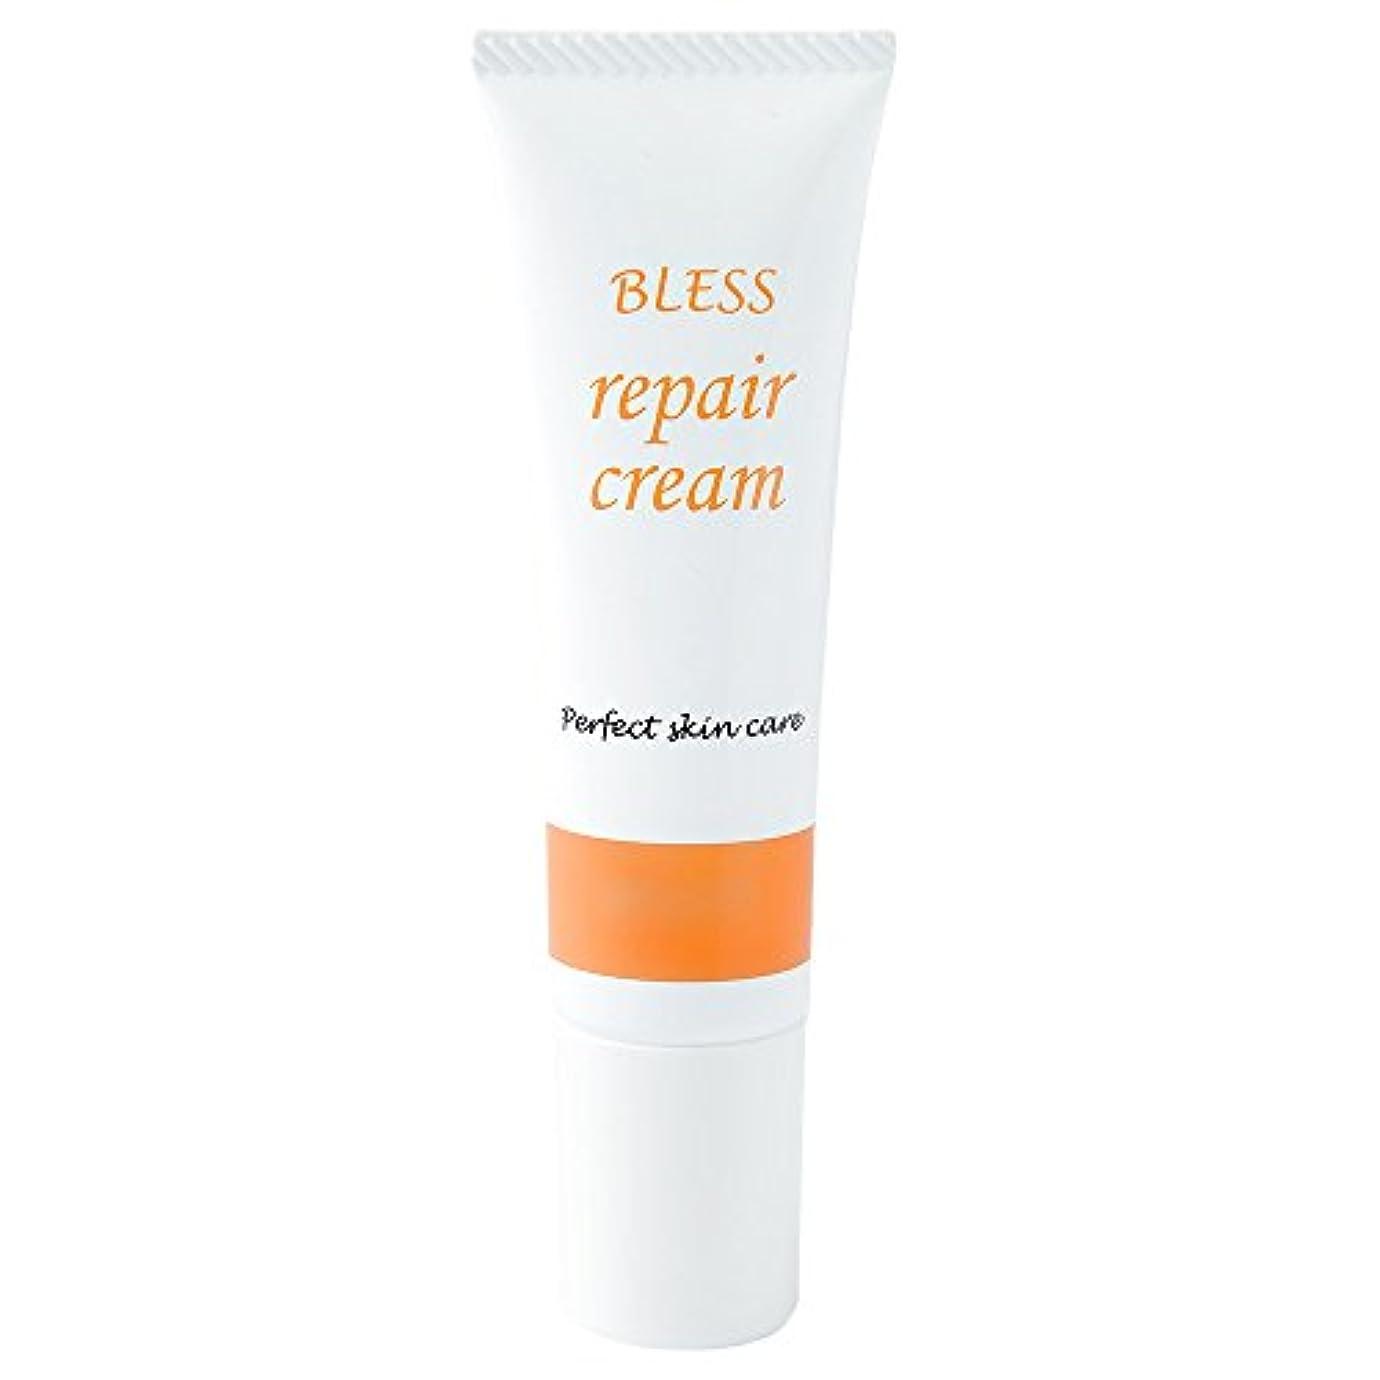 なす関連付けるタンパク質【BLESS】 しわ 対策用 エイジング リペアクリーム 30g 無添加 抗シワ評価試験済み製品 日本製 美容液